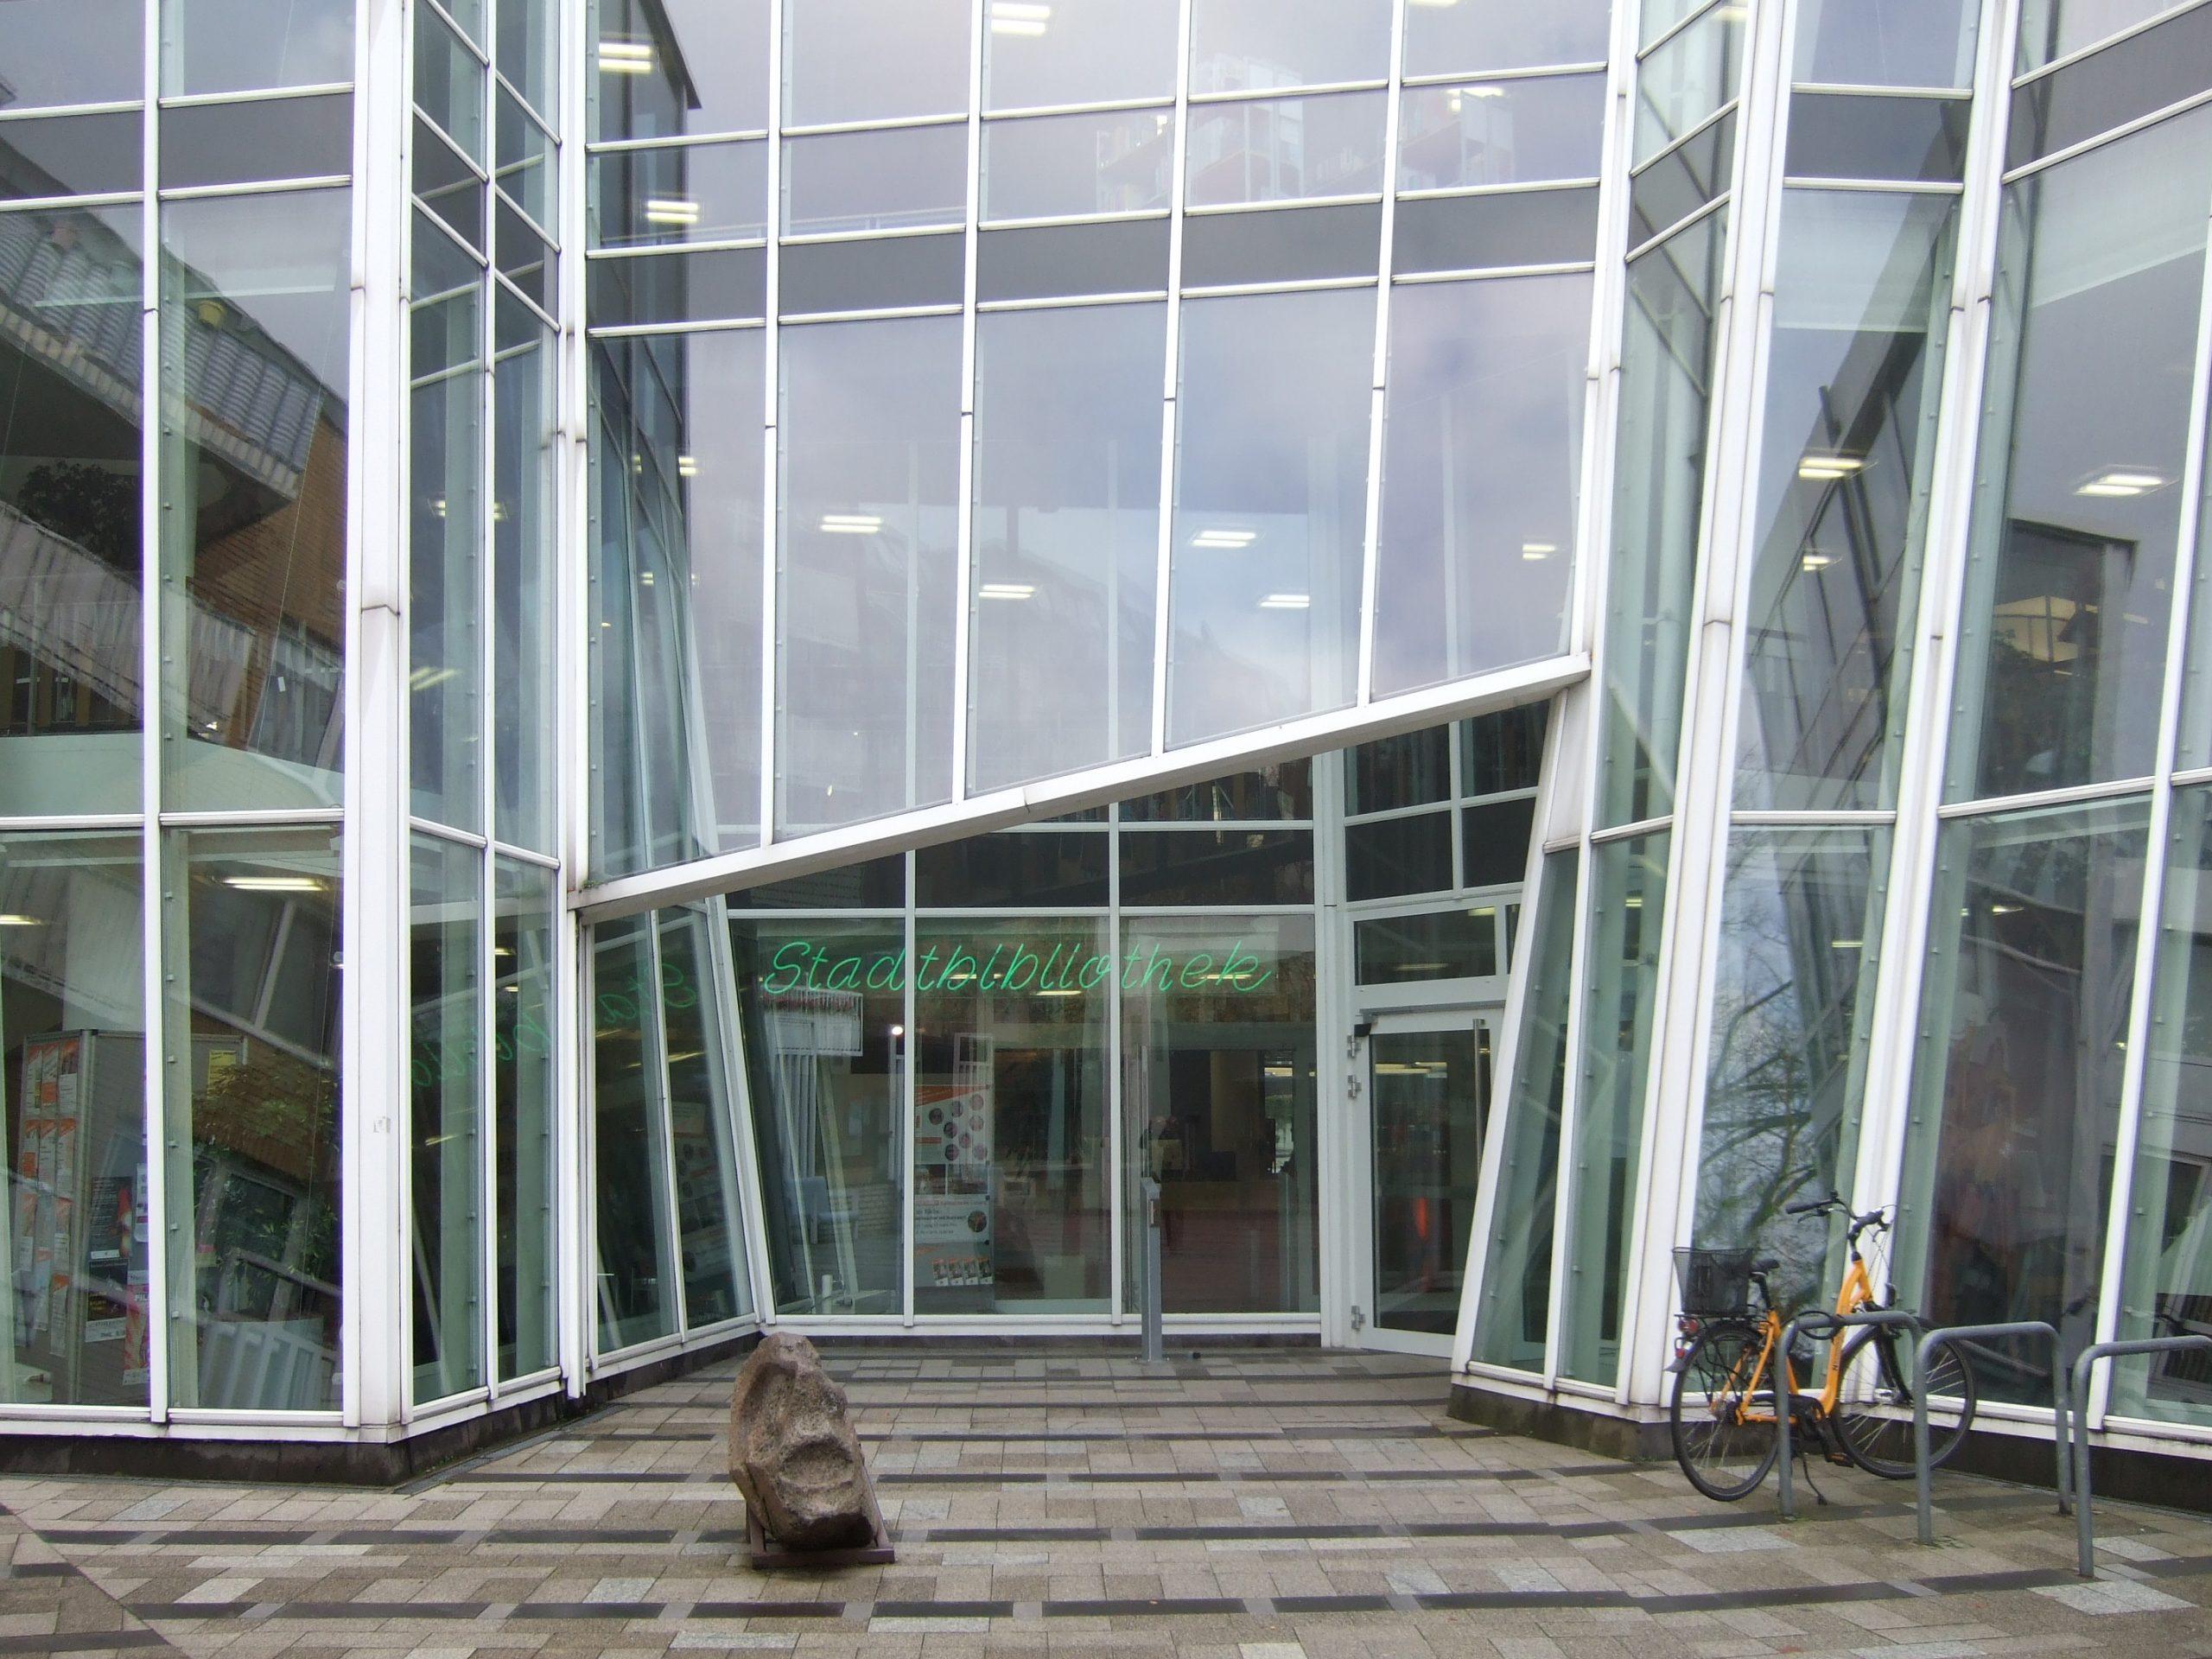 Stadtbibliothek bald mit noch weniger Personal?